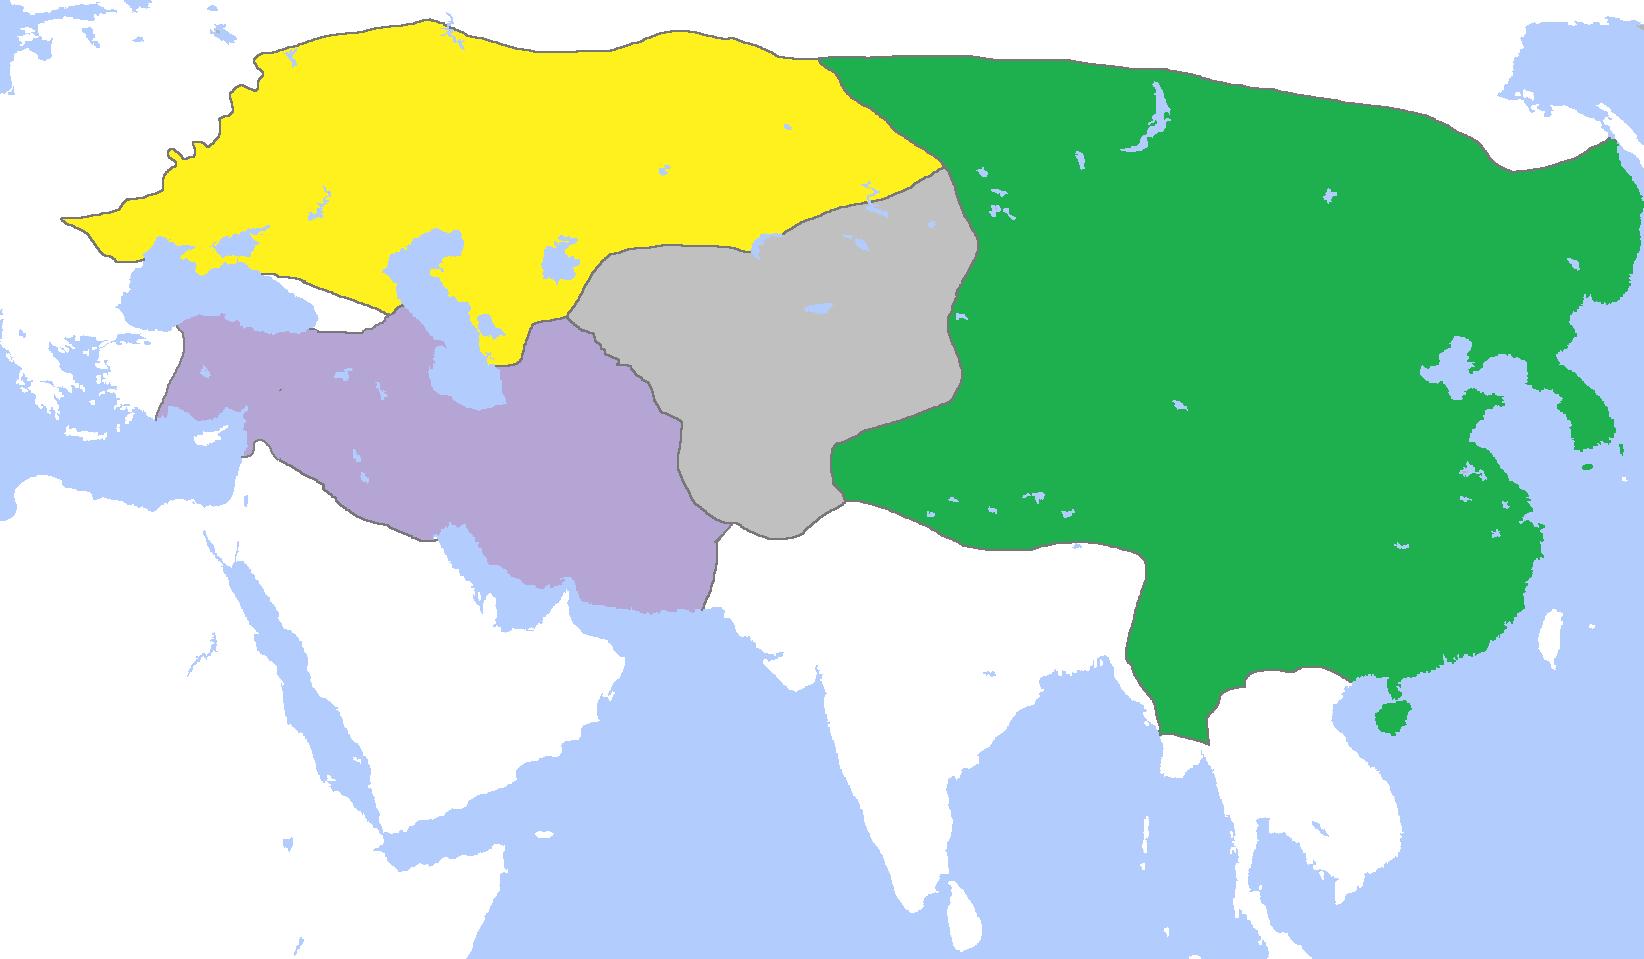 M 7 Karte zum Mongolischen Reich ca. 1300